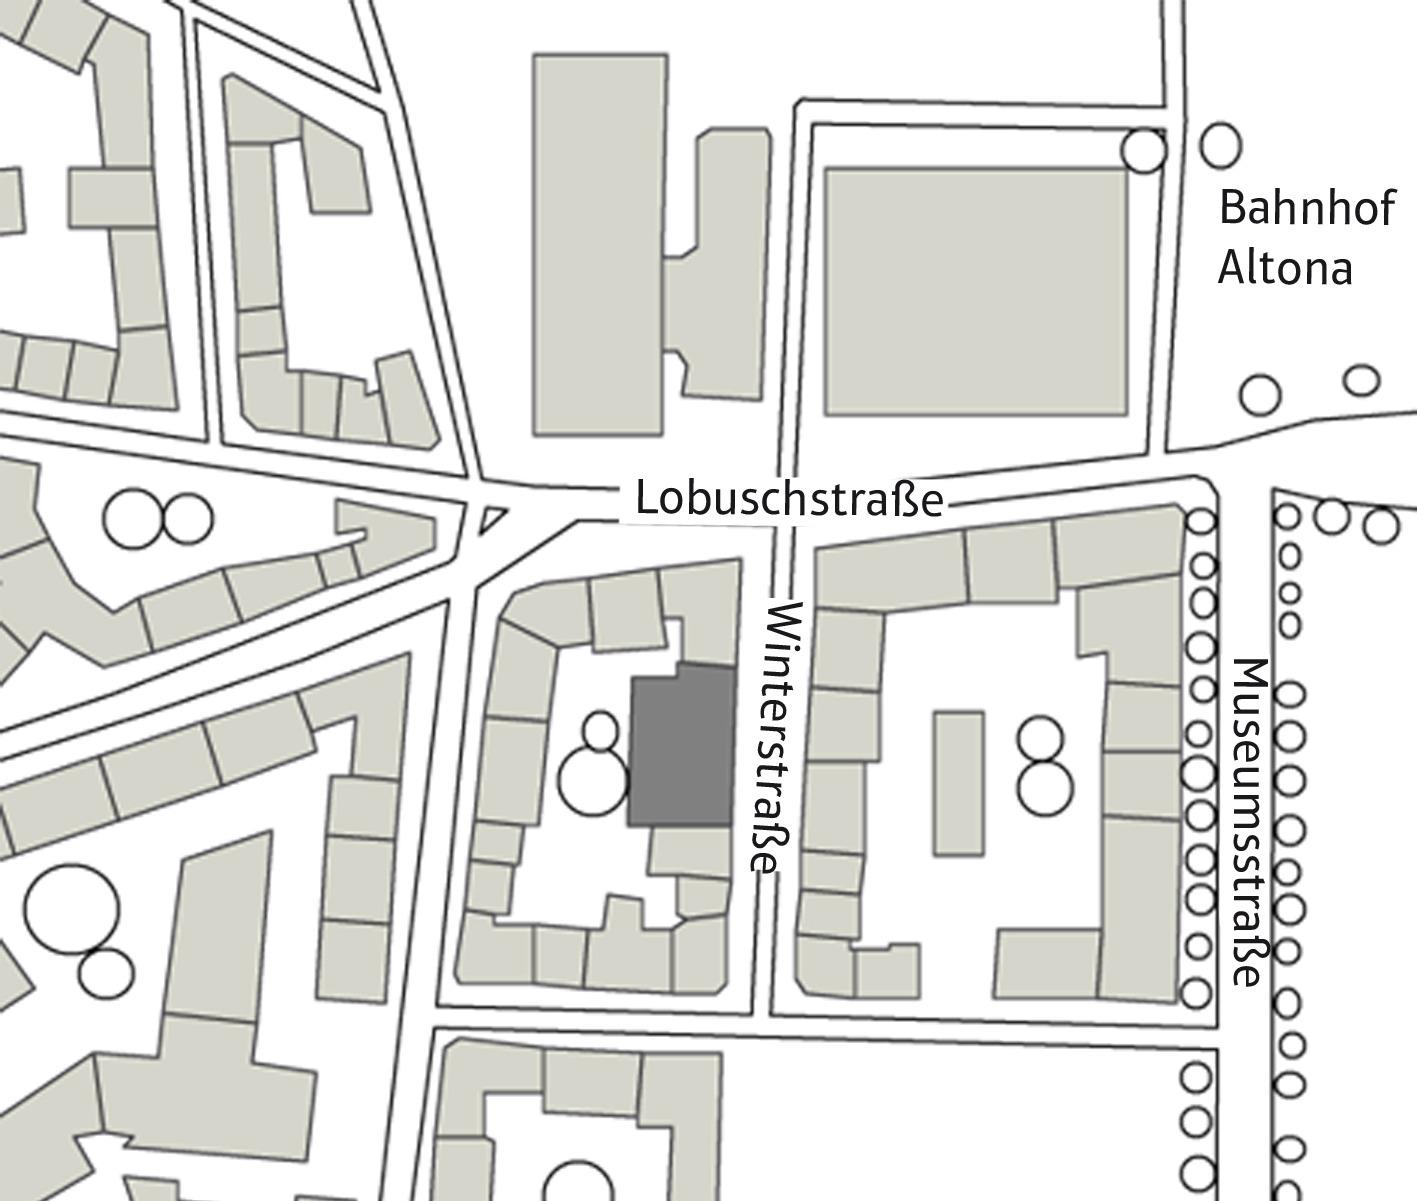 WINTERSTRASSE Bürolofts (zus. mit Arch. T. Wehrhahn) Hamburg Ottensen